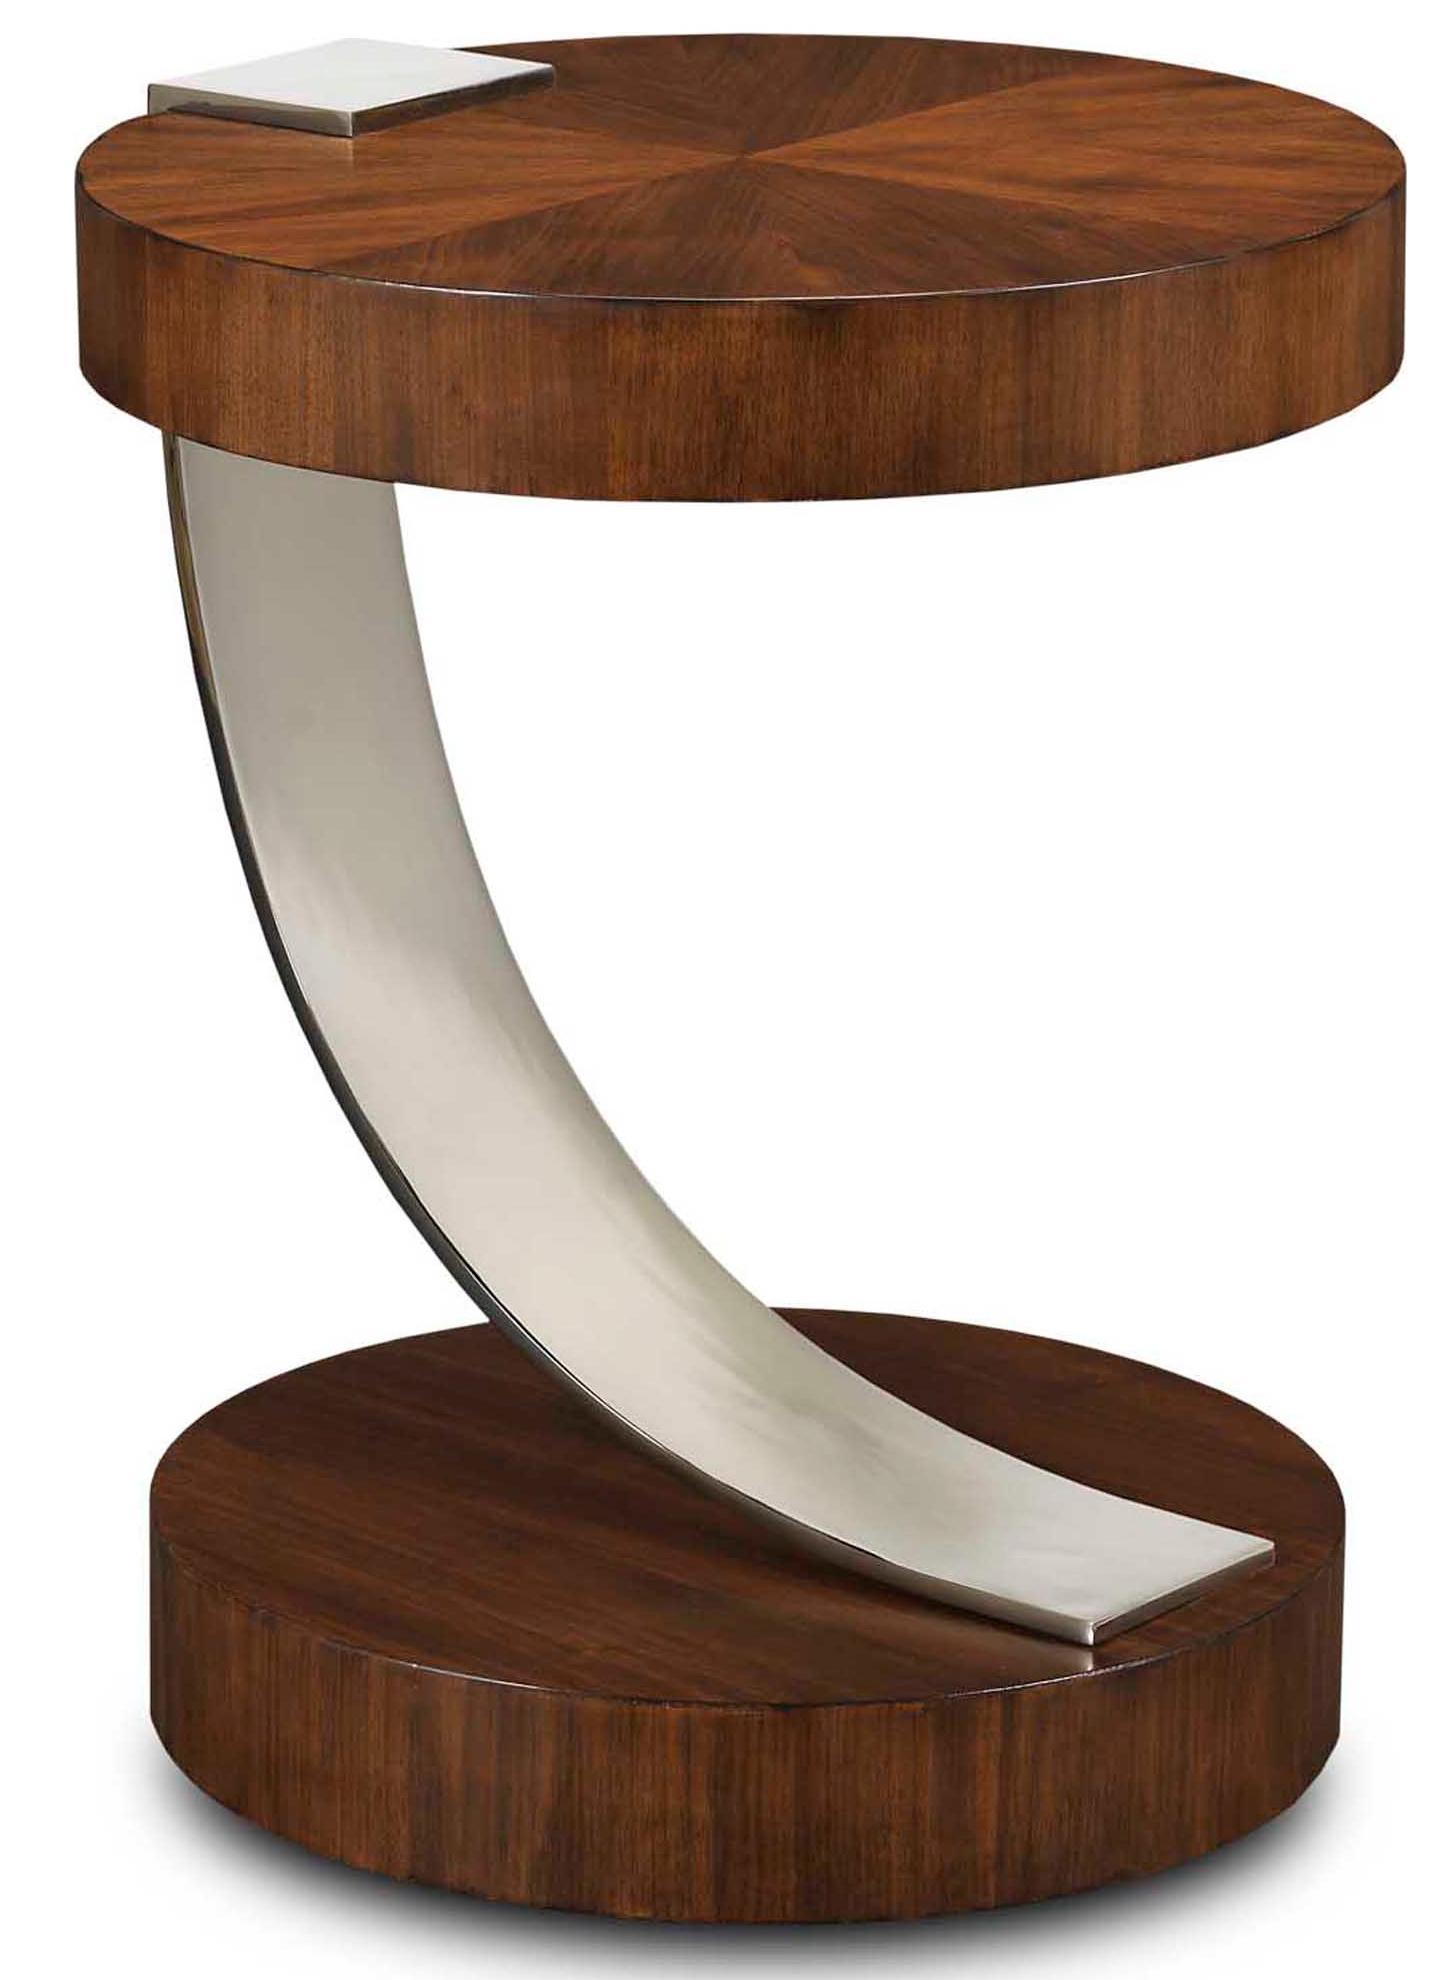 Drexel Giasana Inversion Chair Side Table